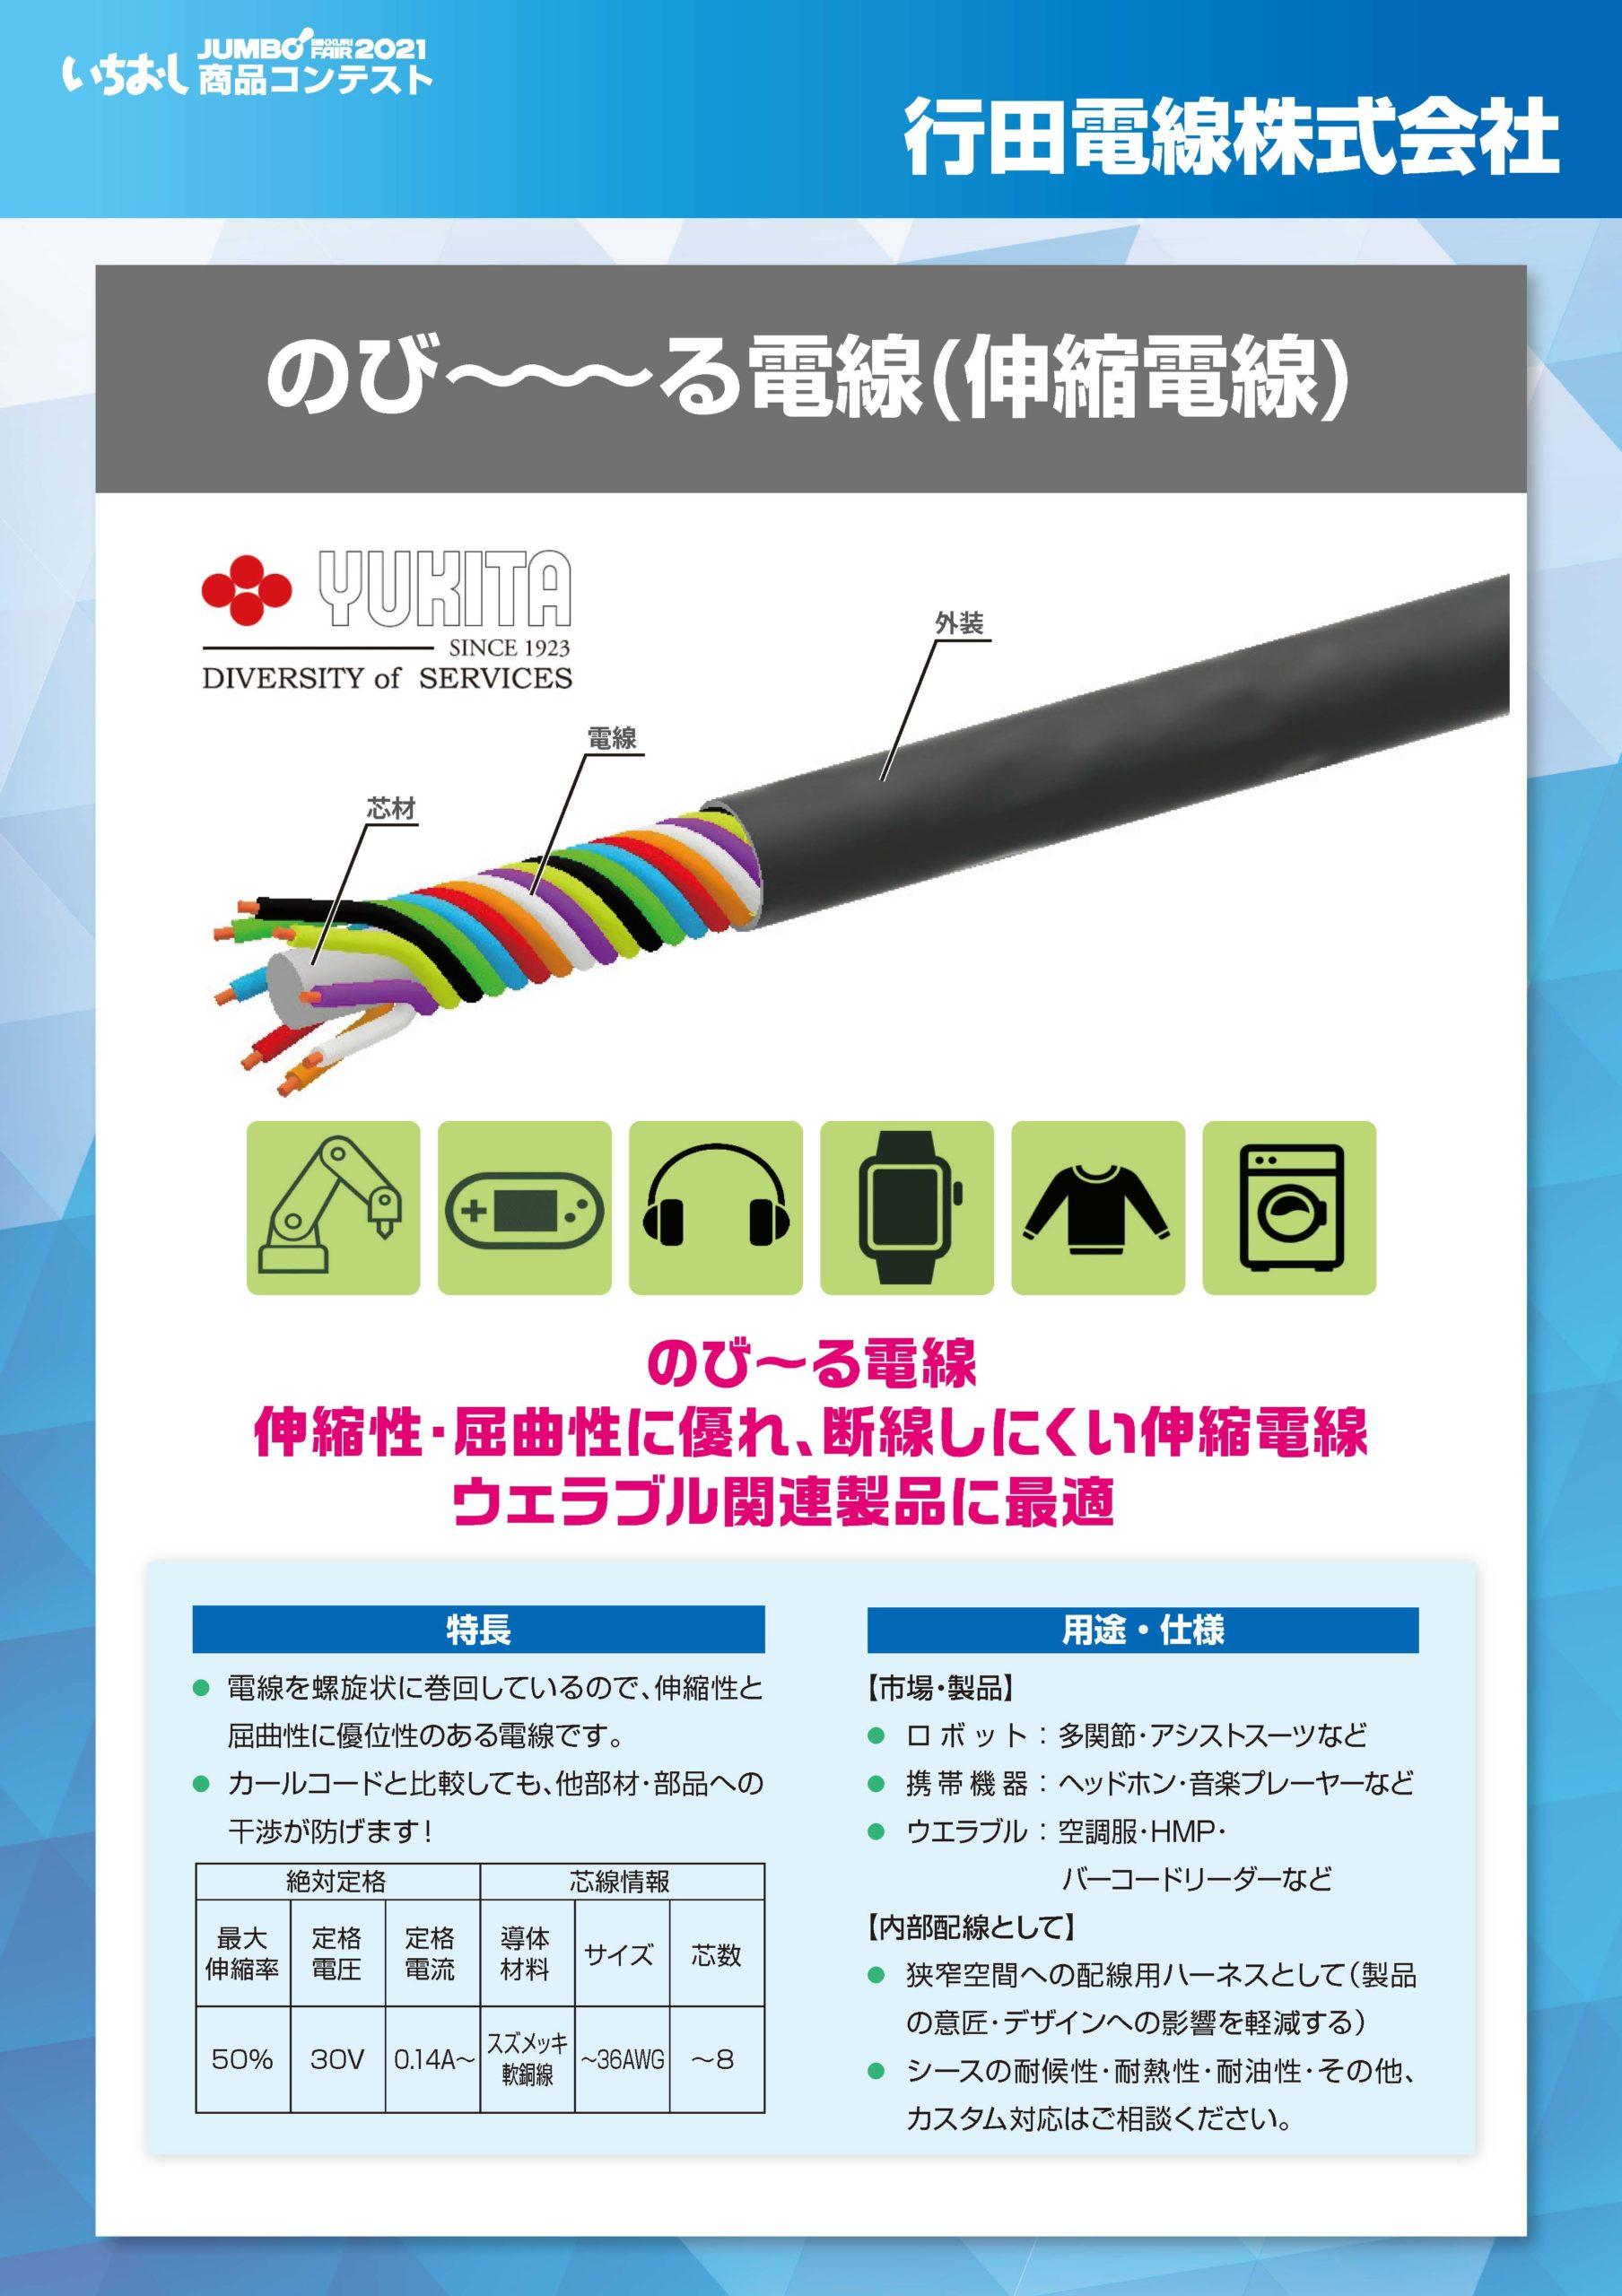 「のび~~~る電線(伸縮電線)」行田電線株式会社の画像